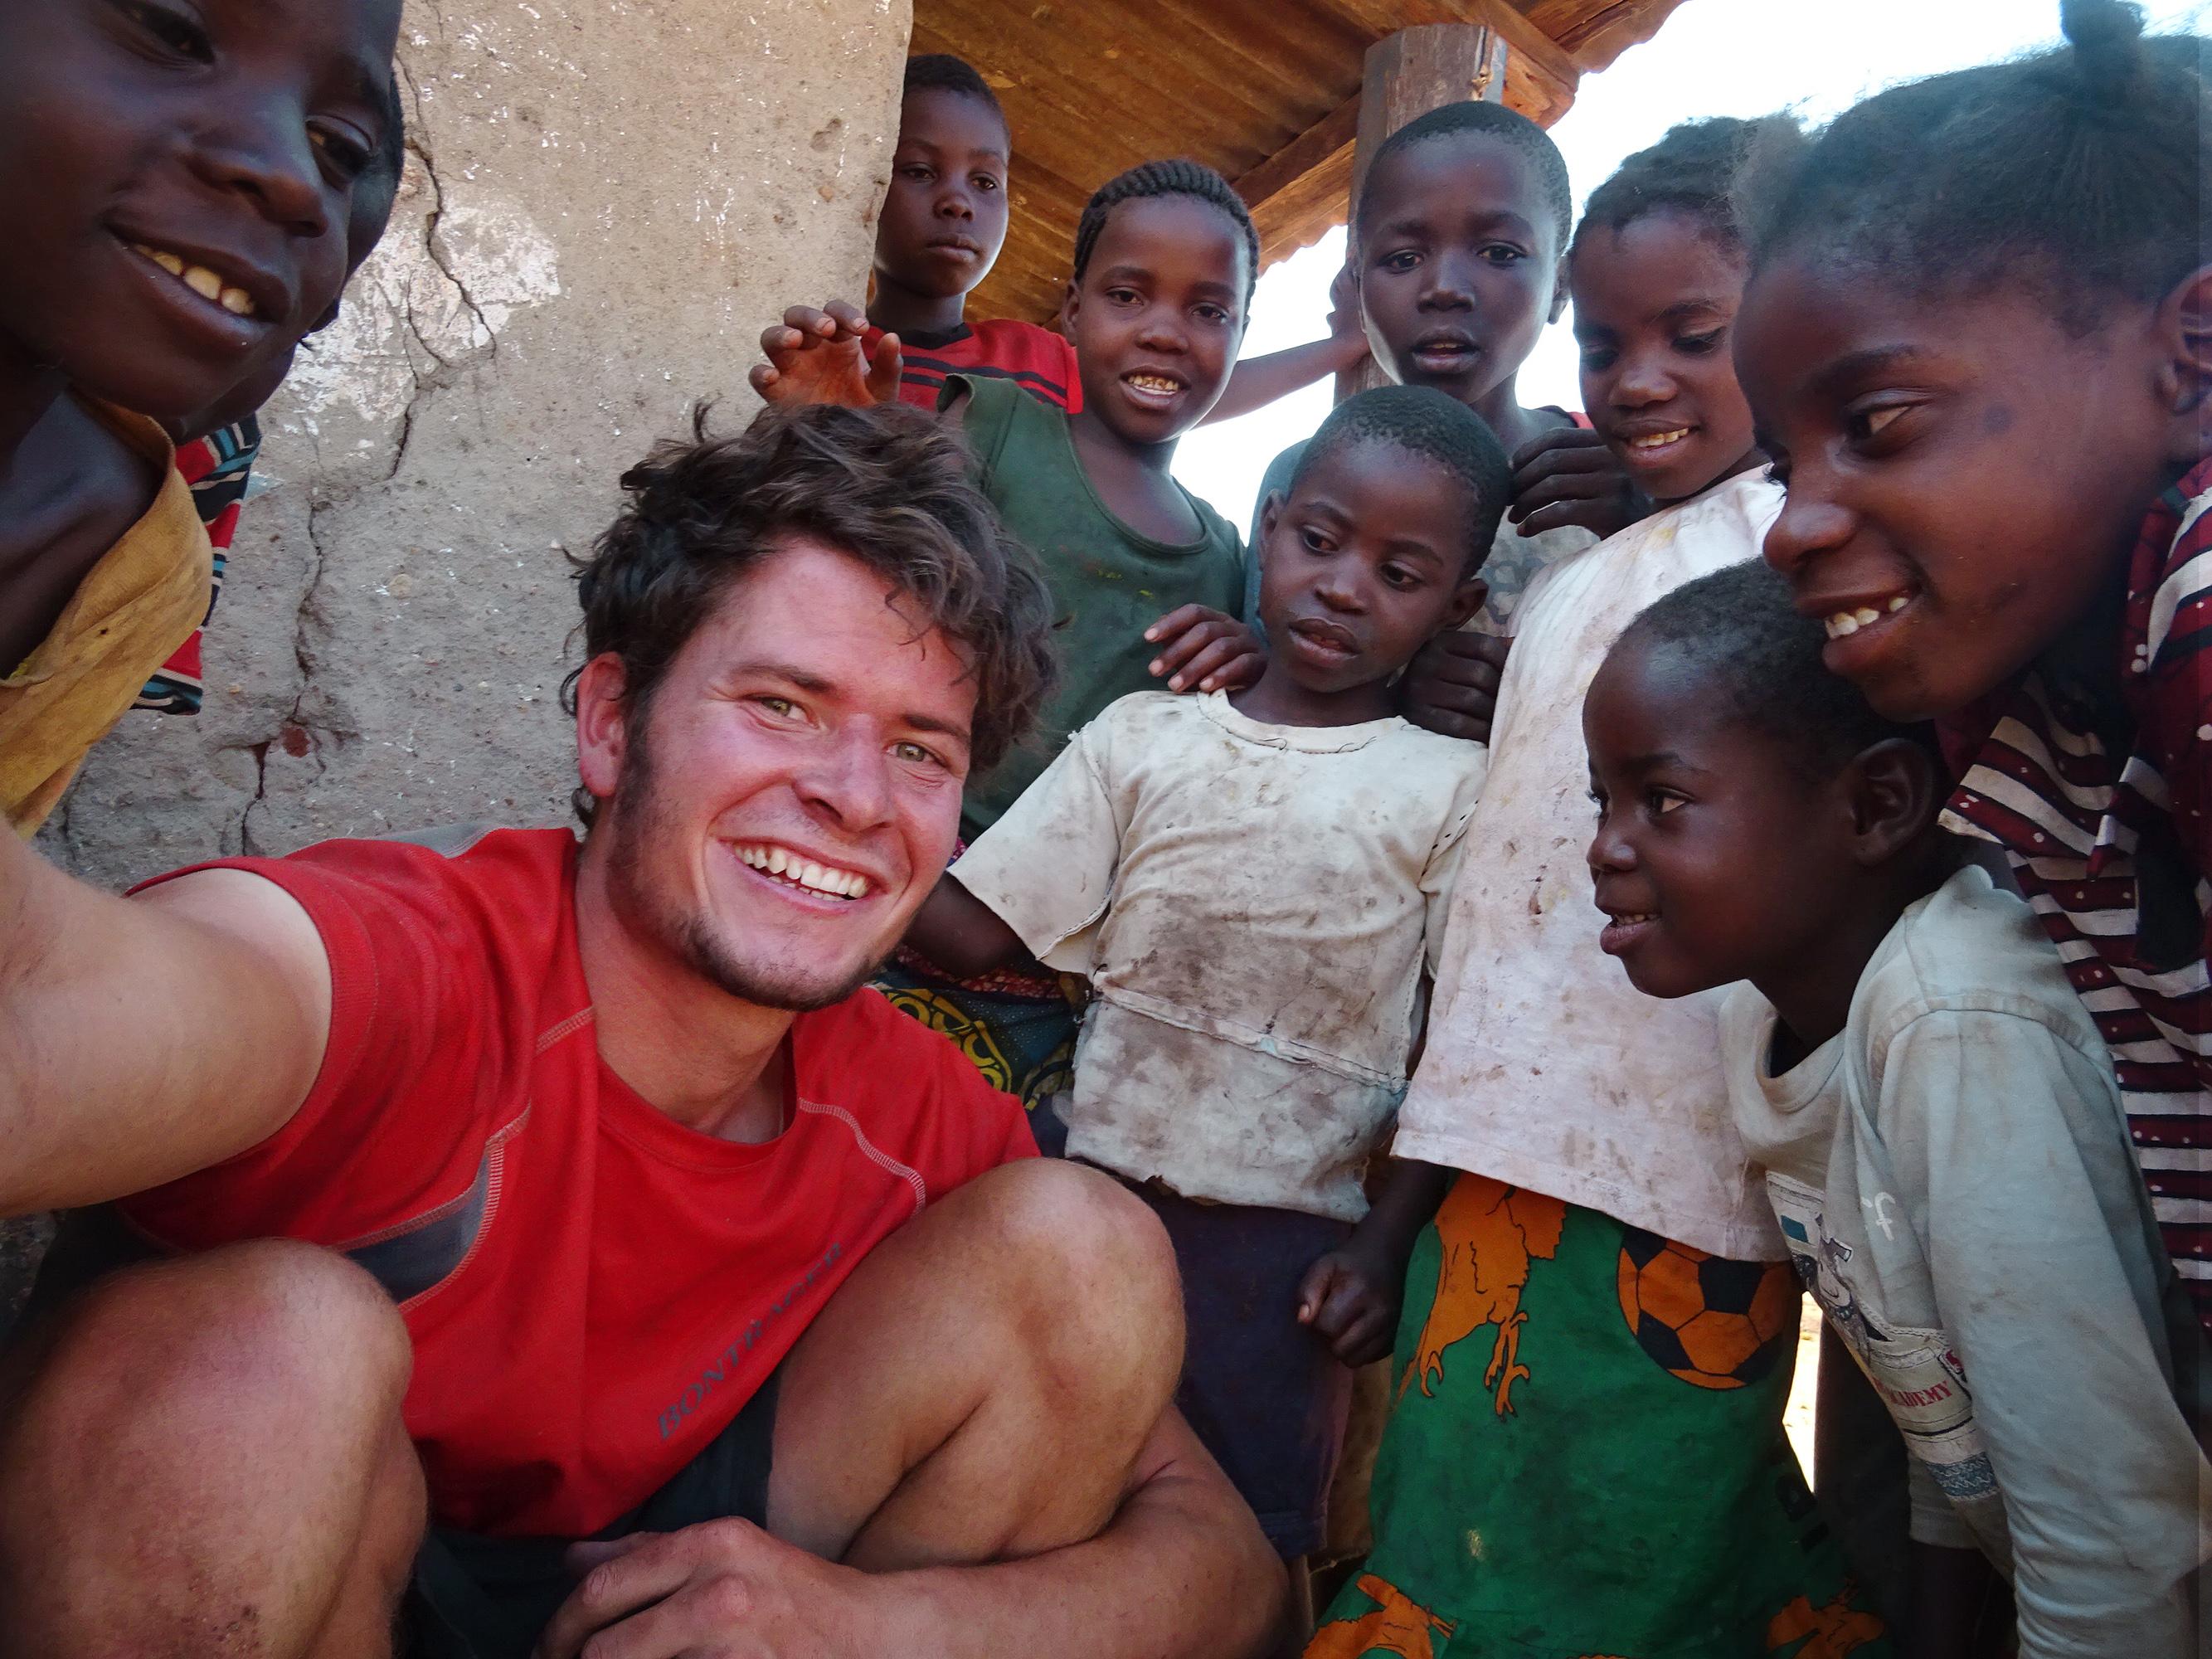 Kinder_in_Sambia_unterstützen_mich_beim